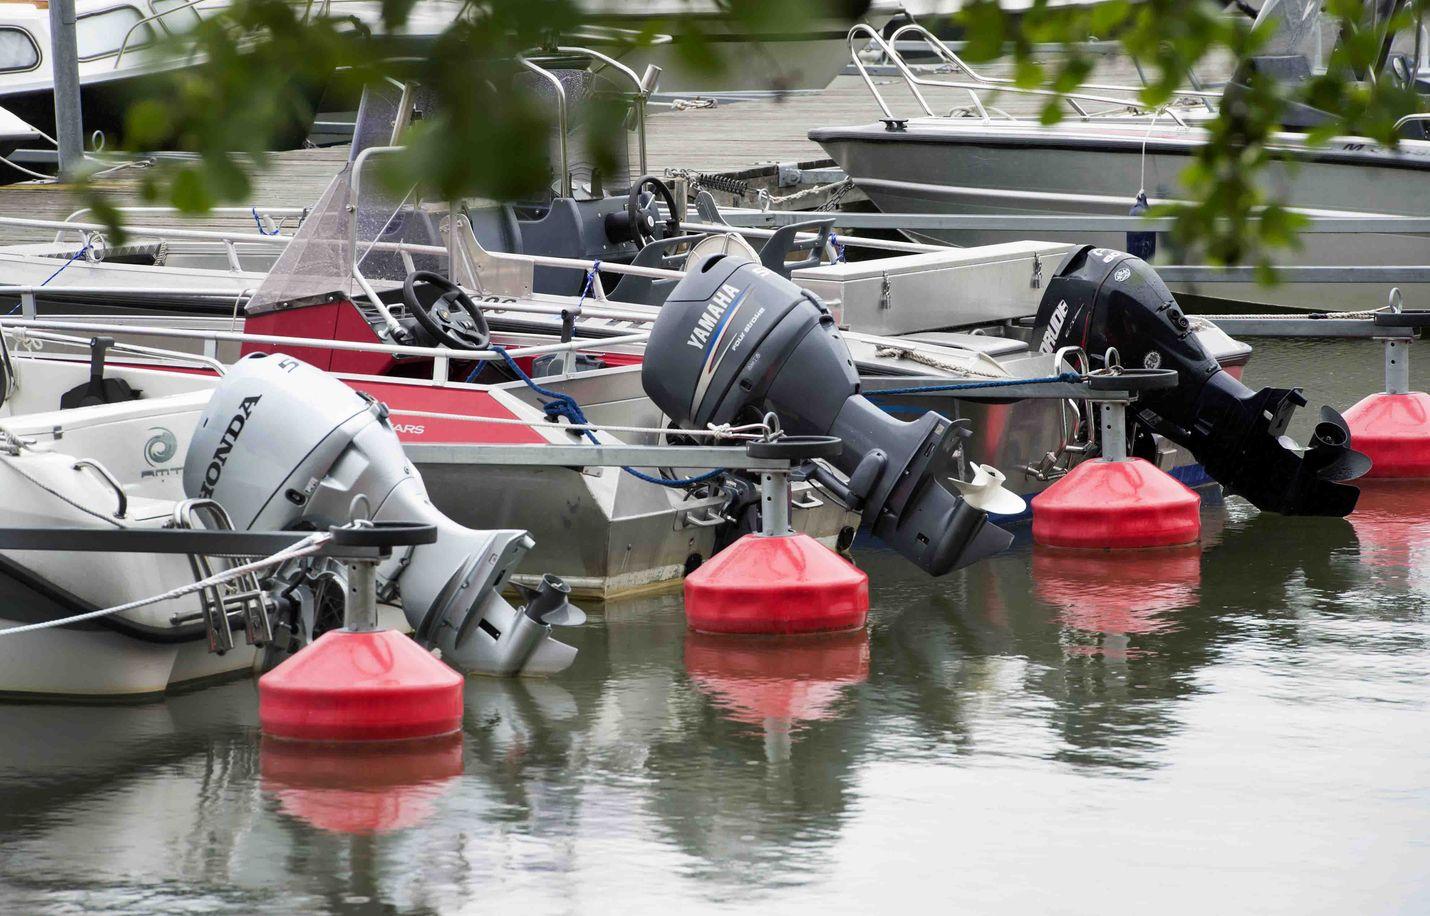 Liikenteen turvallisuusvirasto Trafi on vastannut veneiden rekisteröinnistä nyt vuoden verran. Kuva: Esa Urhonen